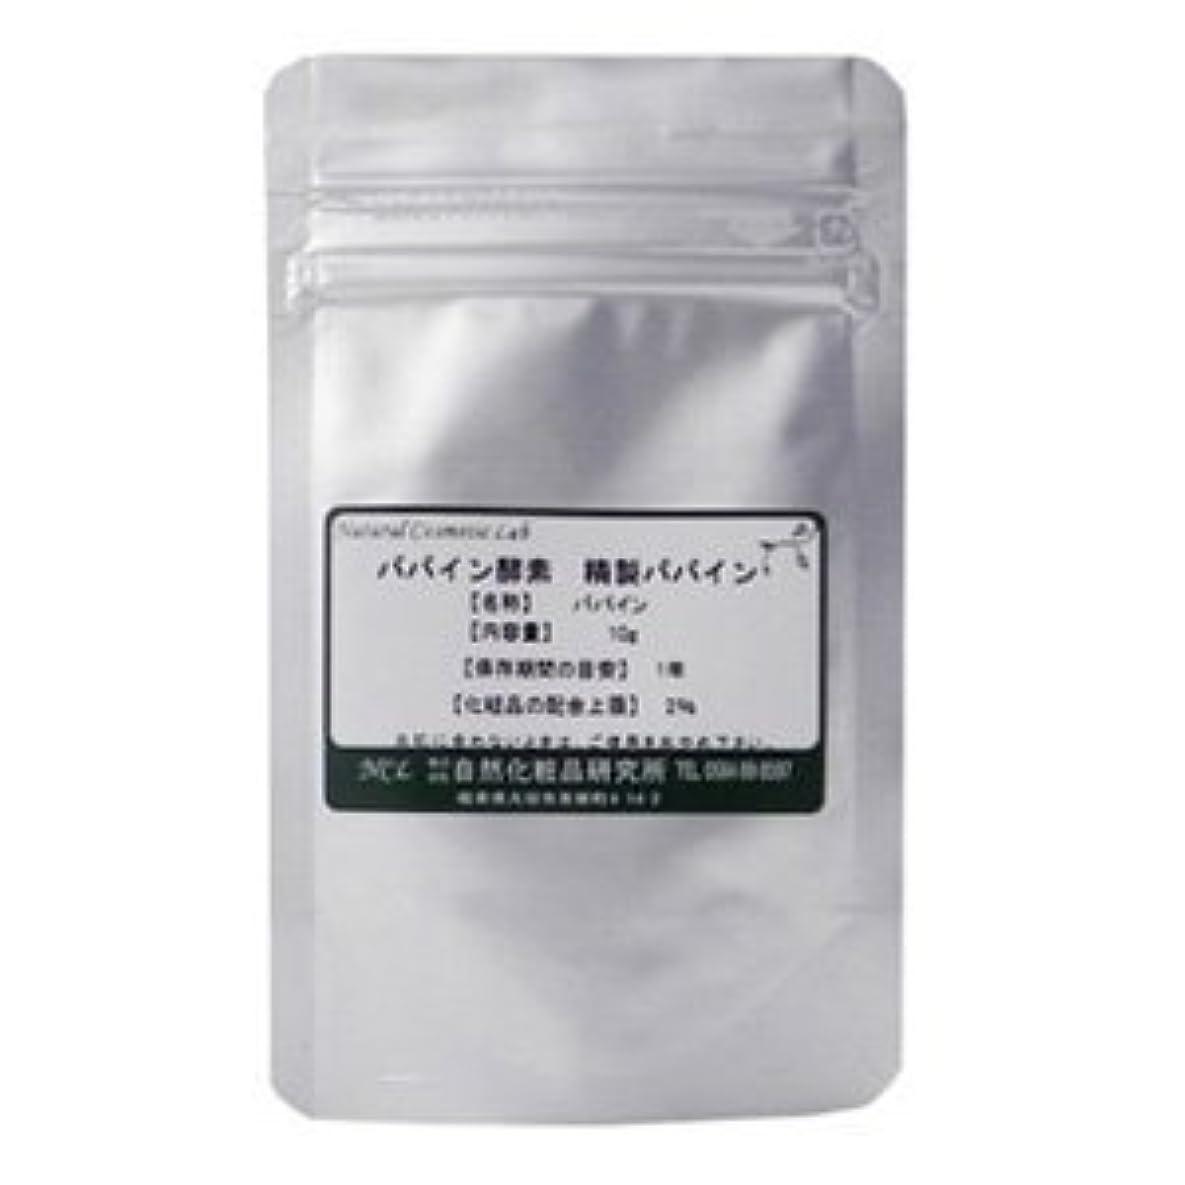 ミスペンド運営紛争パパイン酵素 精製パパイン 10g 【手作り化粧品原料】